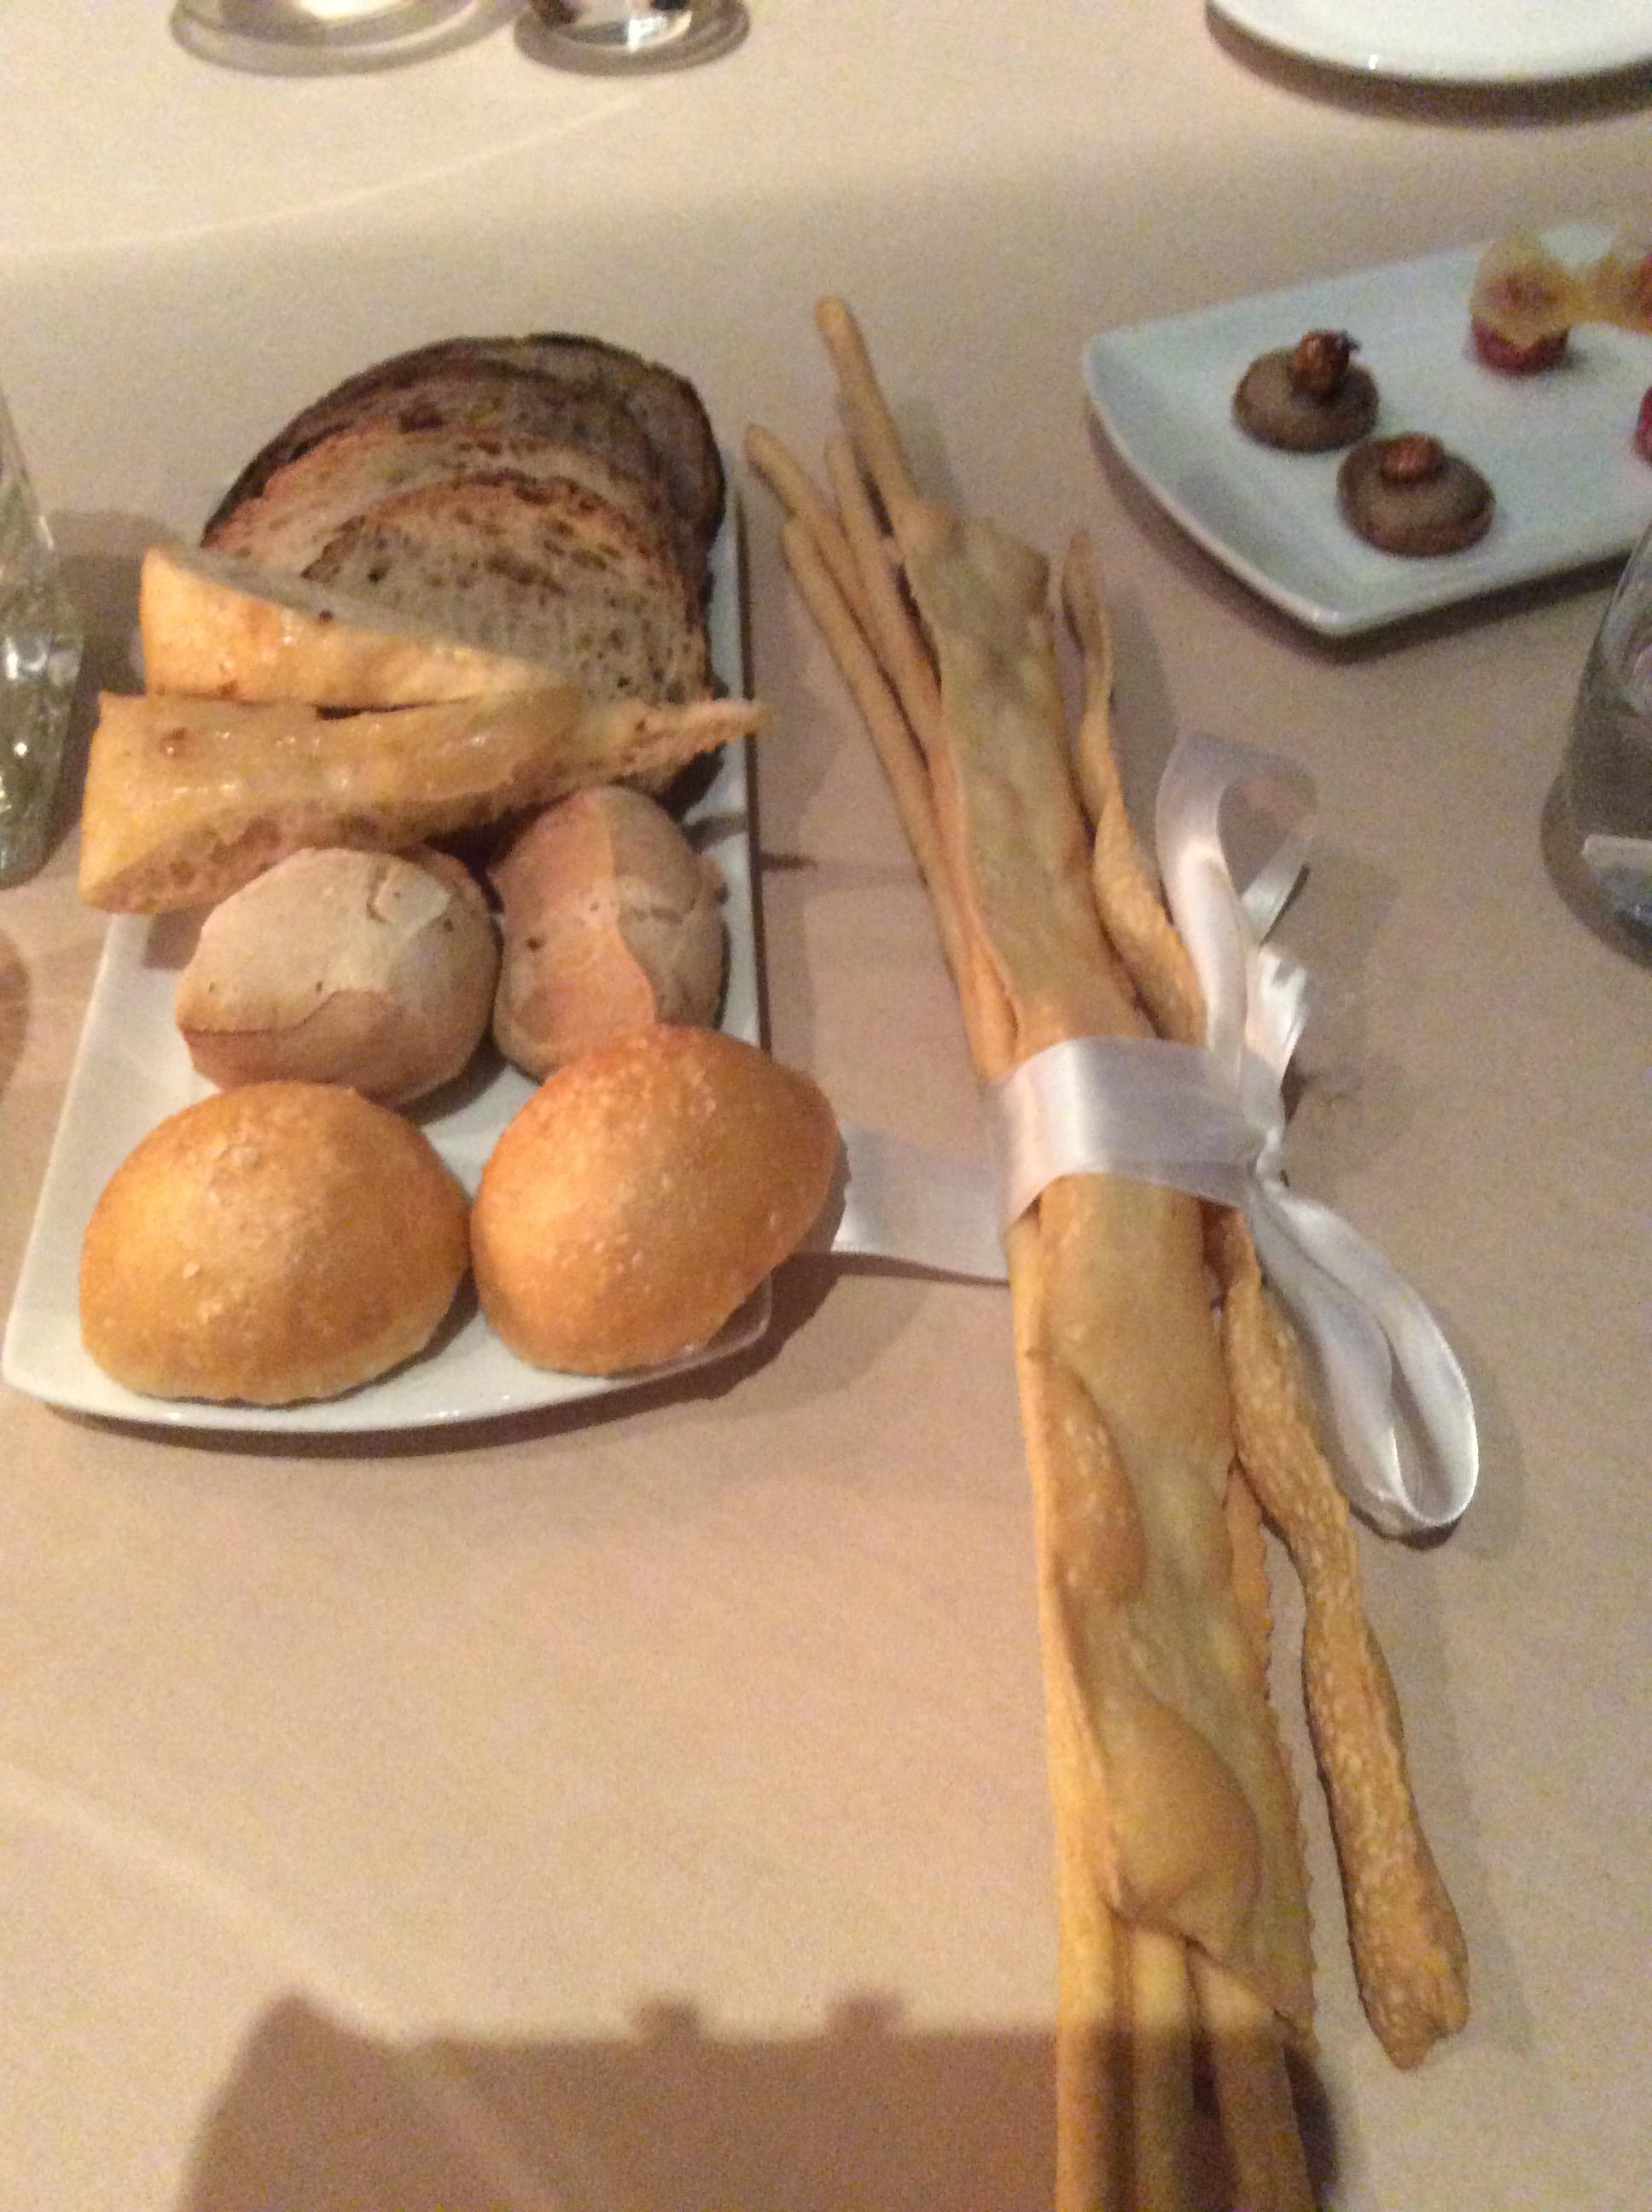 http://gourmet-italian.com/376.JPG